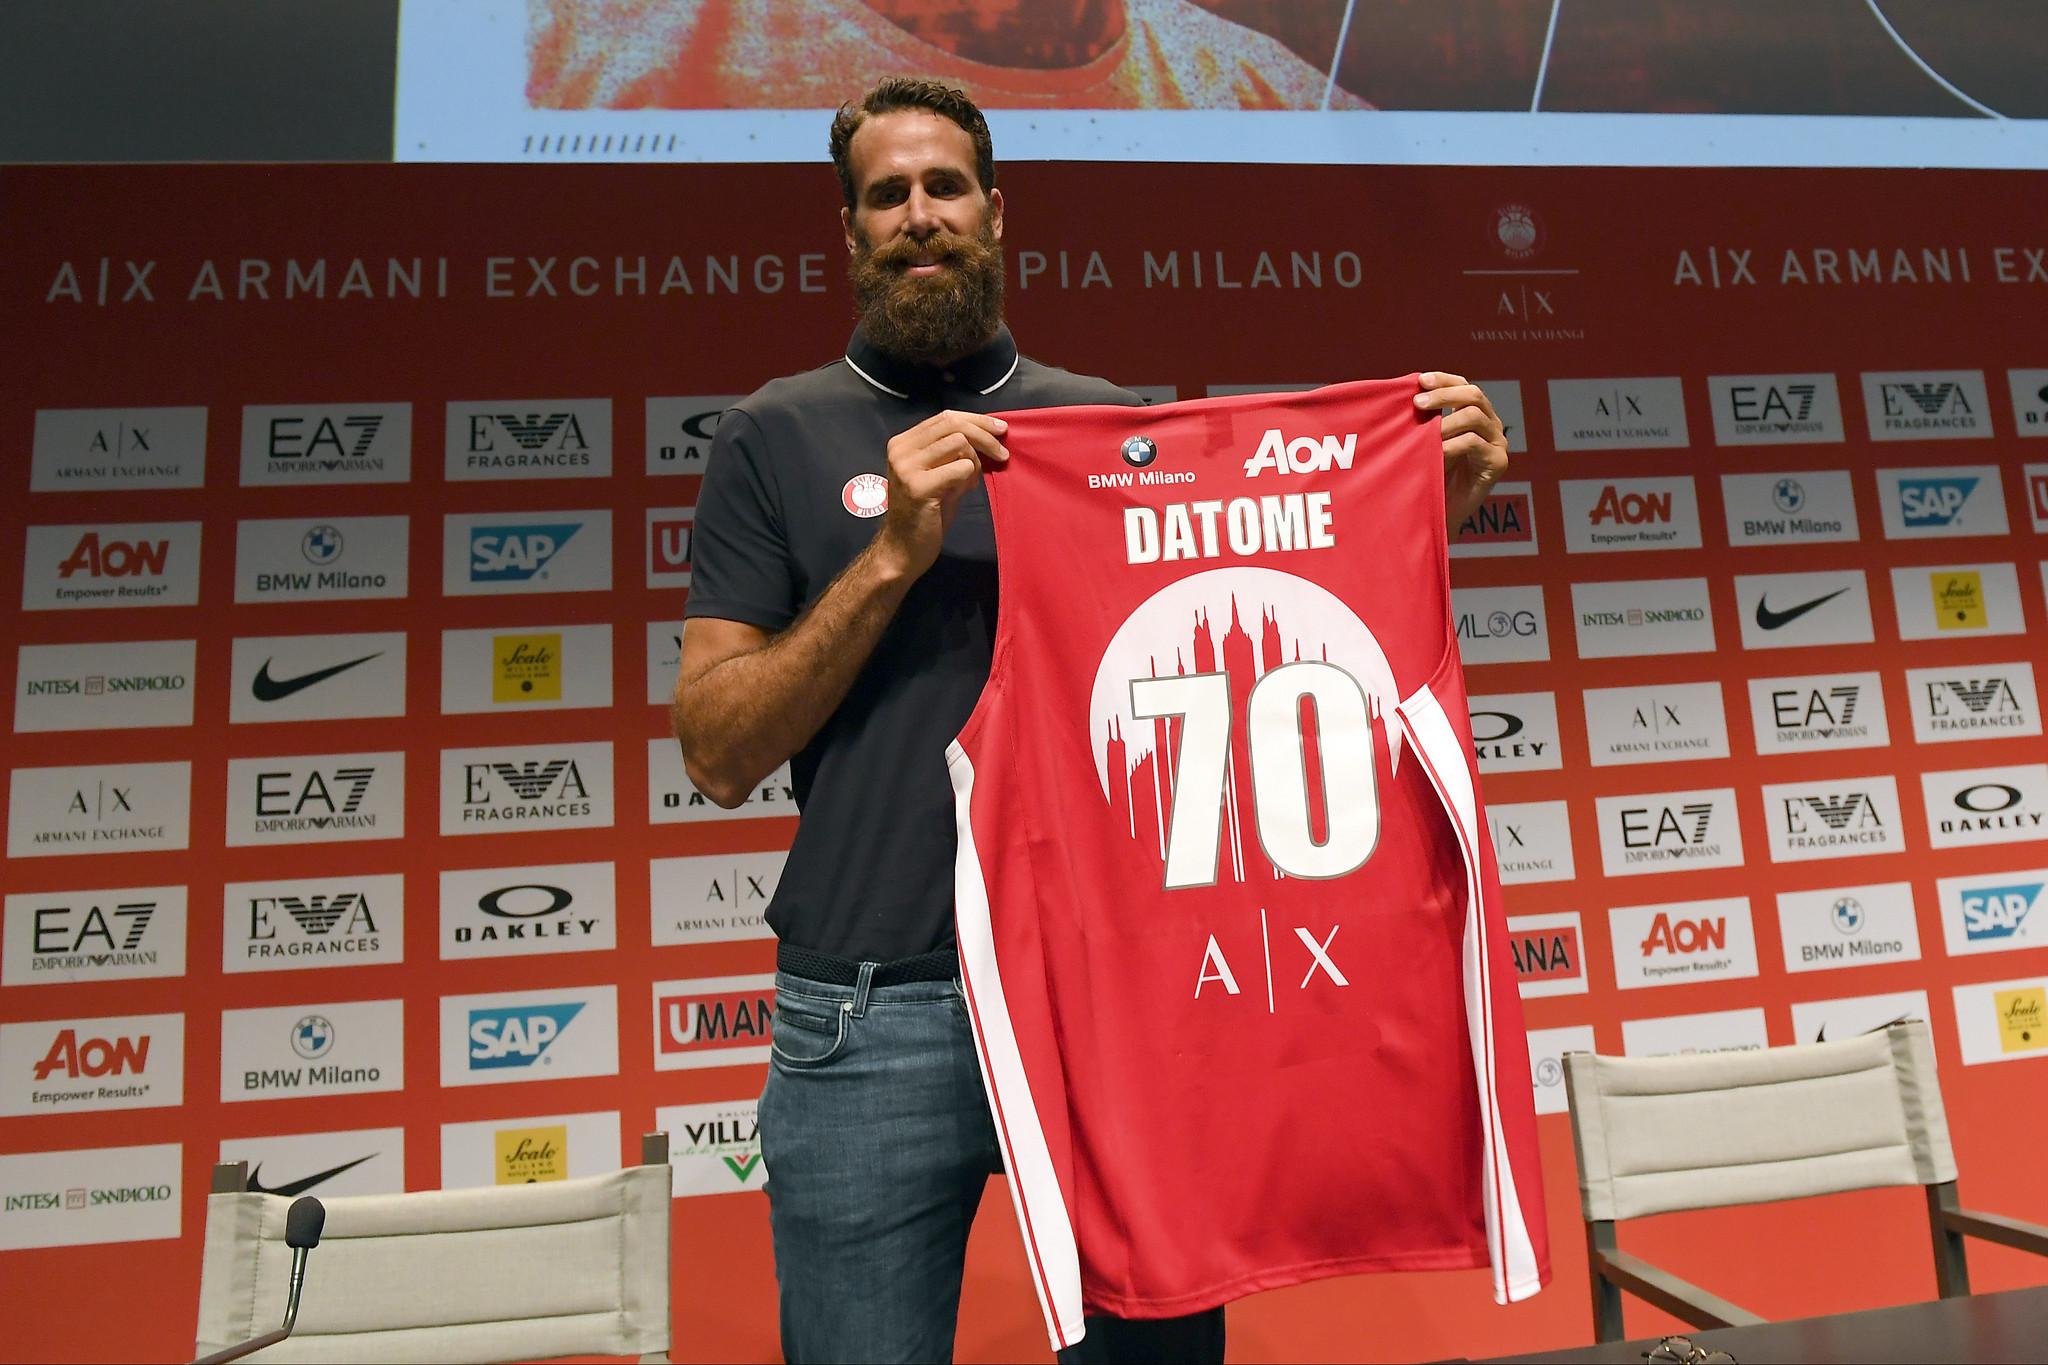 """Gigi Datome: """"Sono convinto che Milano sia il posto giusto. Era la miglior situazione tecnica possibile"""""""